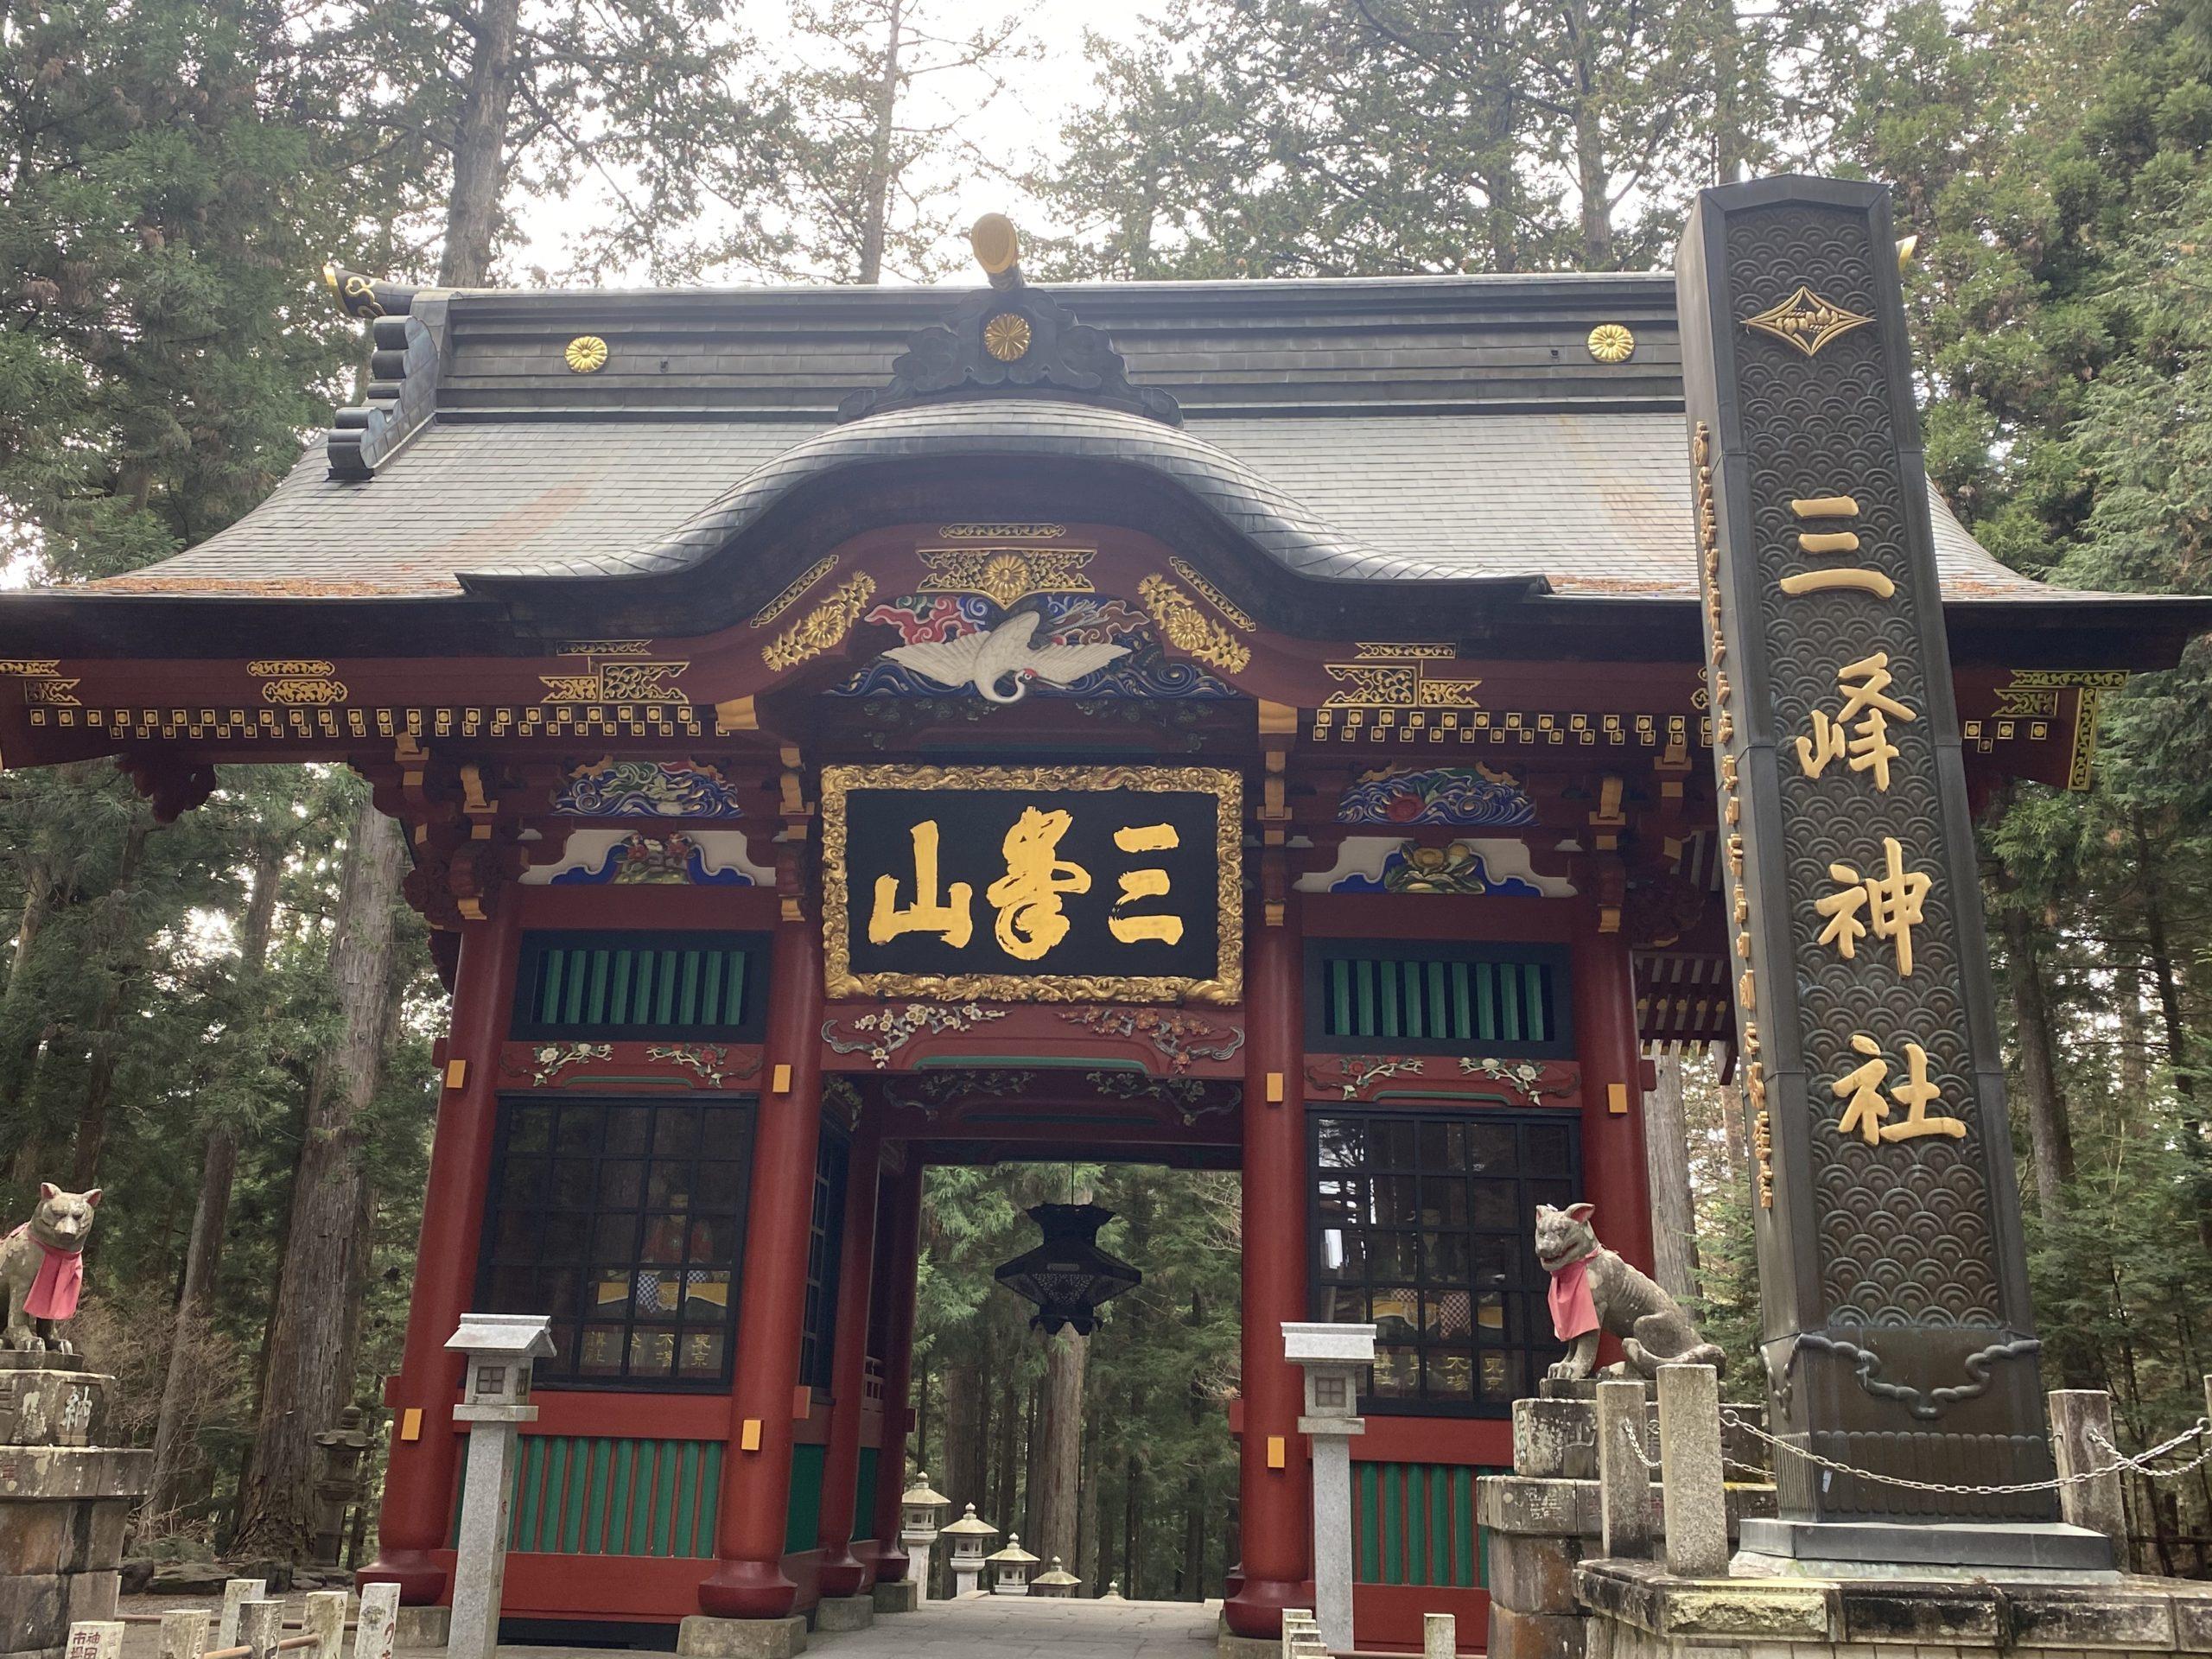 東京から初めて車で三峯神社に行く時の注意点7つ